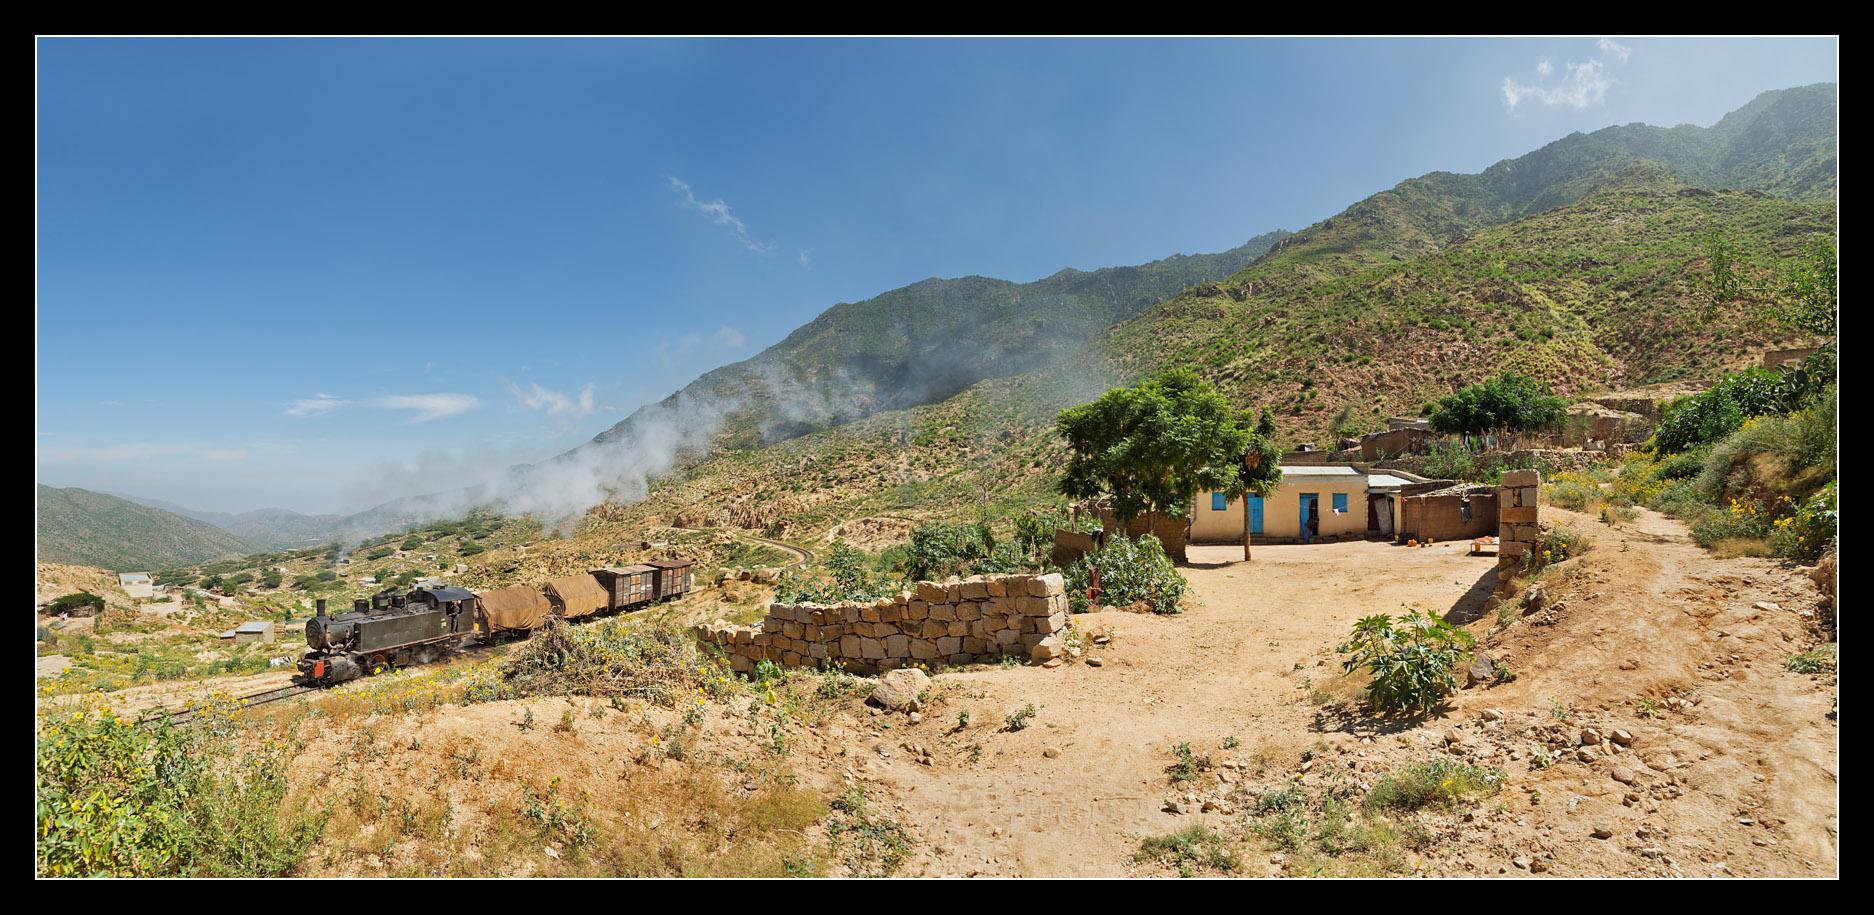 http://raildata.info/eritrea18/eri0729.jpg